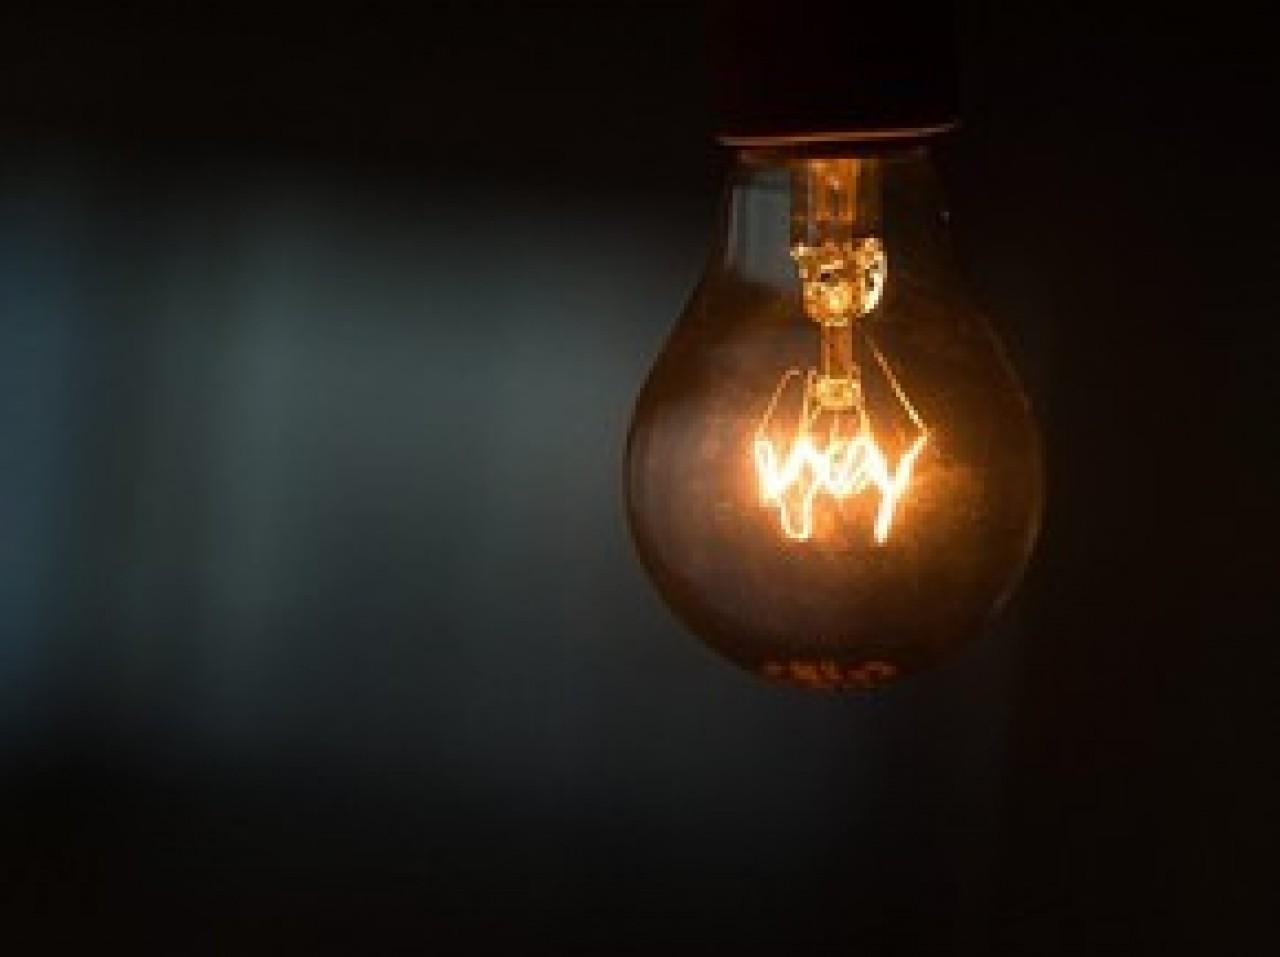 Coprel realiza amanhã desligamento de energia elétrica na região